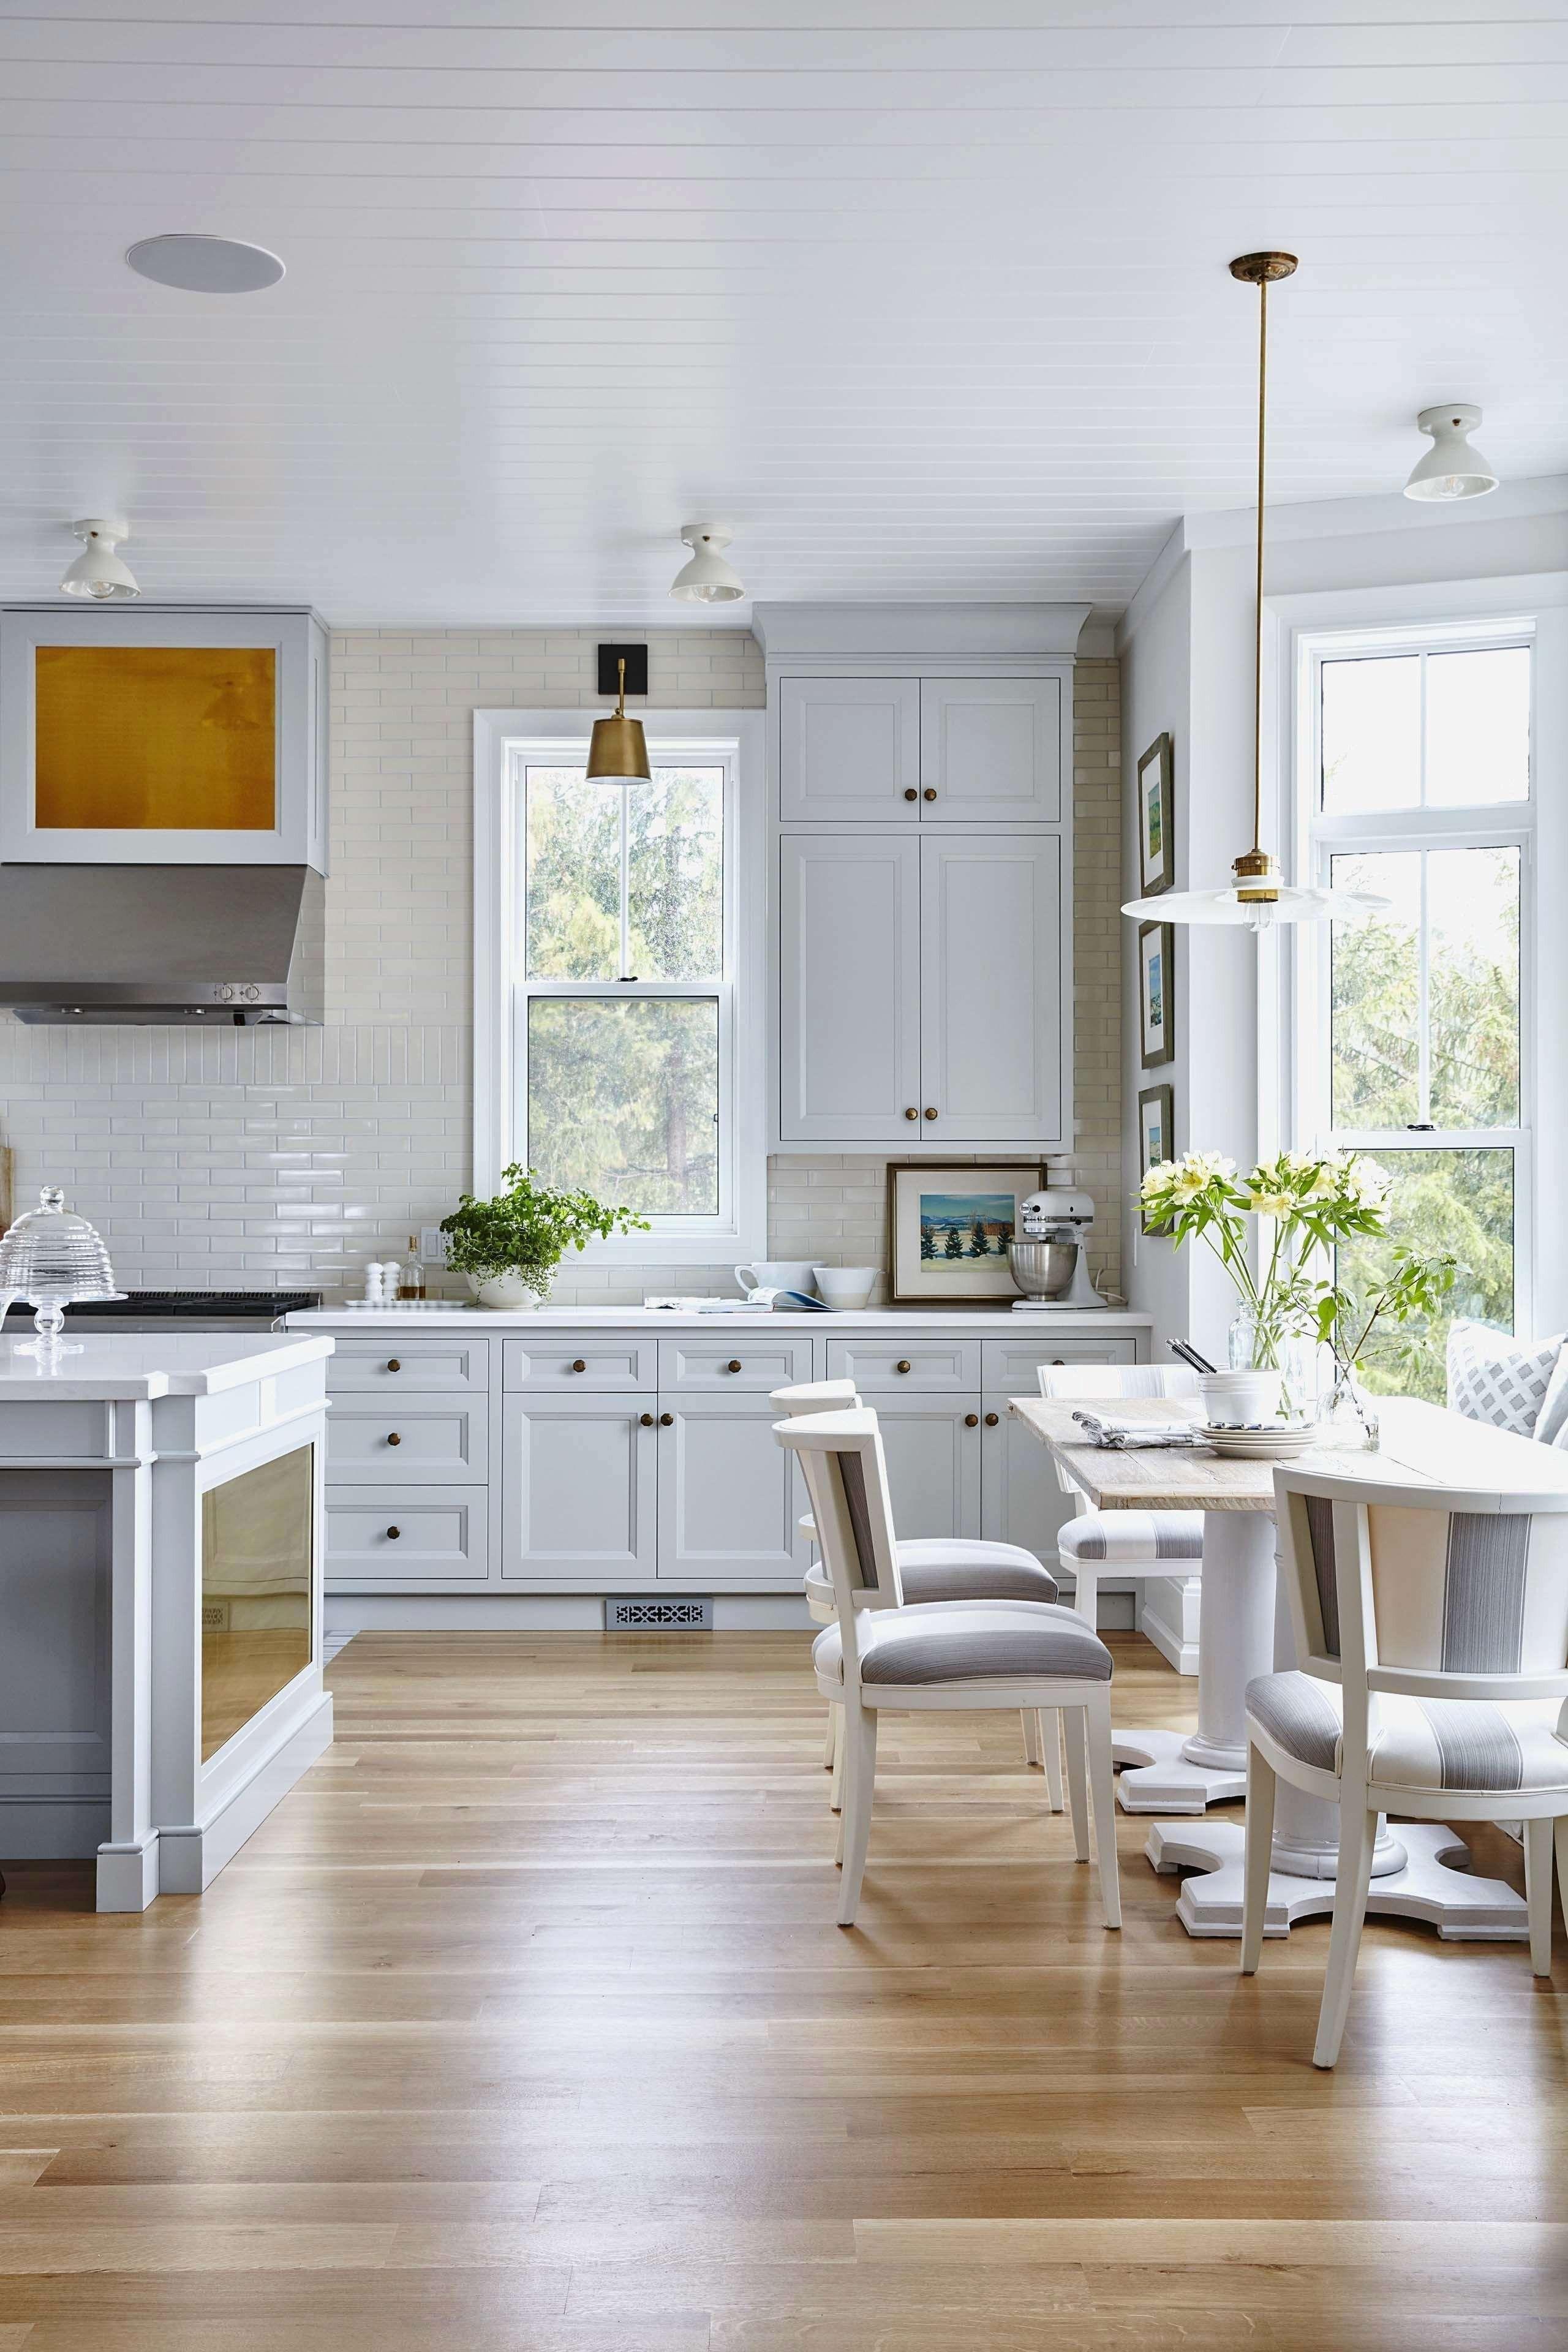 Kitchen Theme Ideas For Apartments